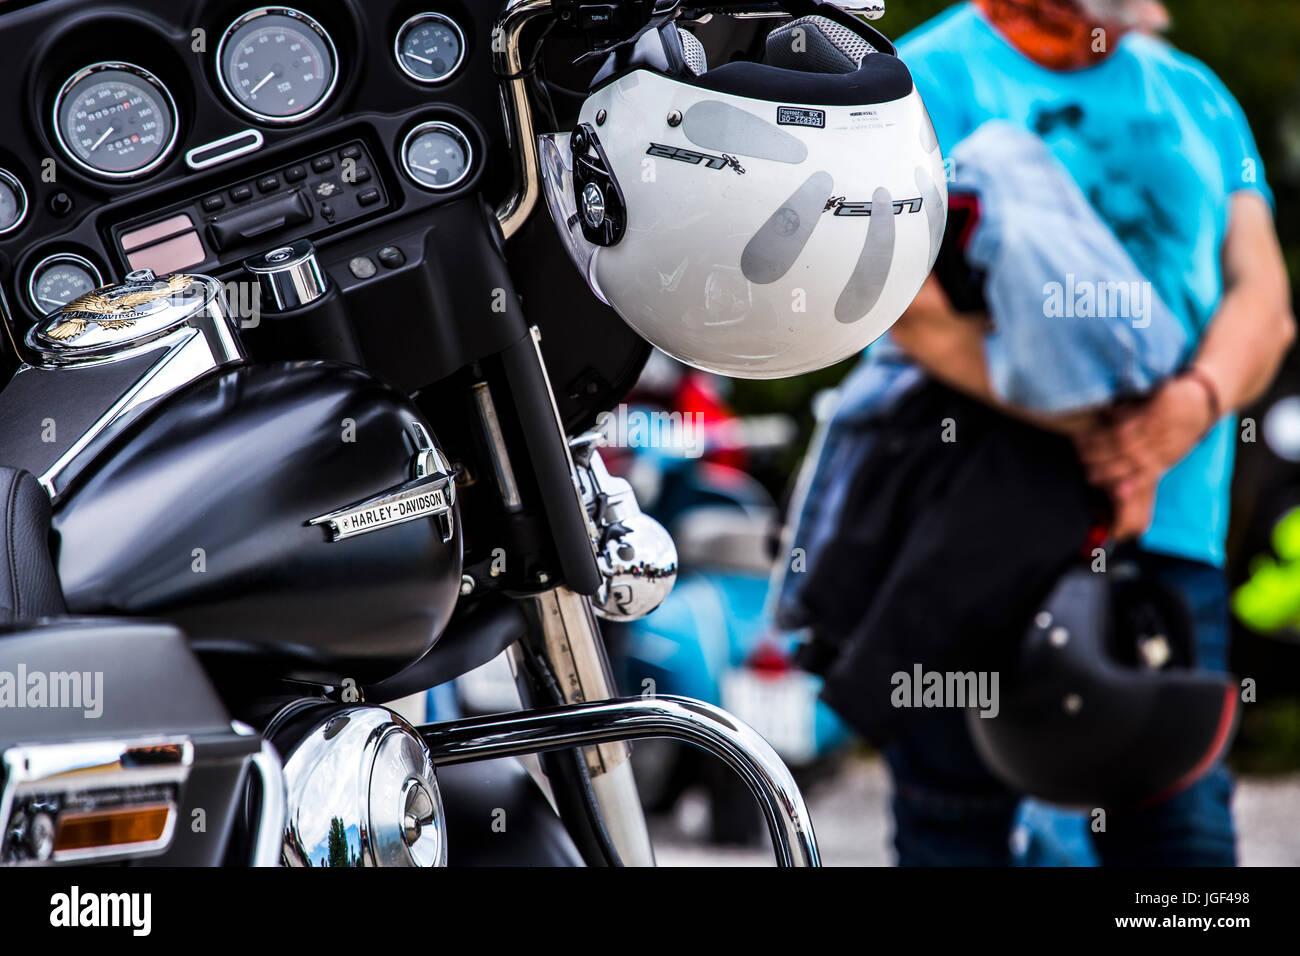 Harley Davidson Dashboard Stock Photos & Harley Davidson